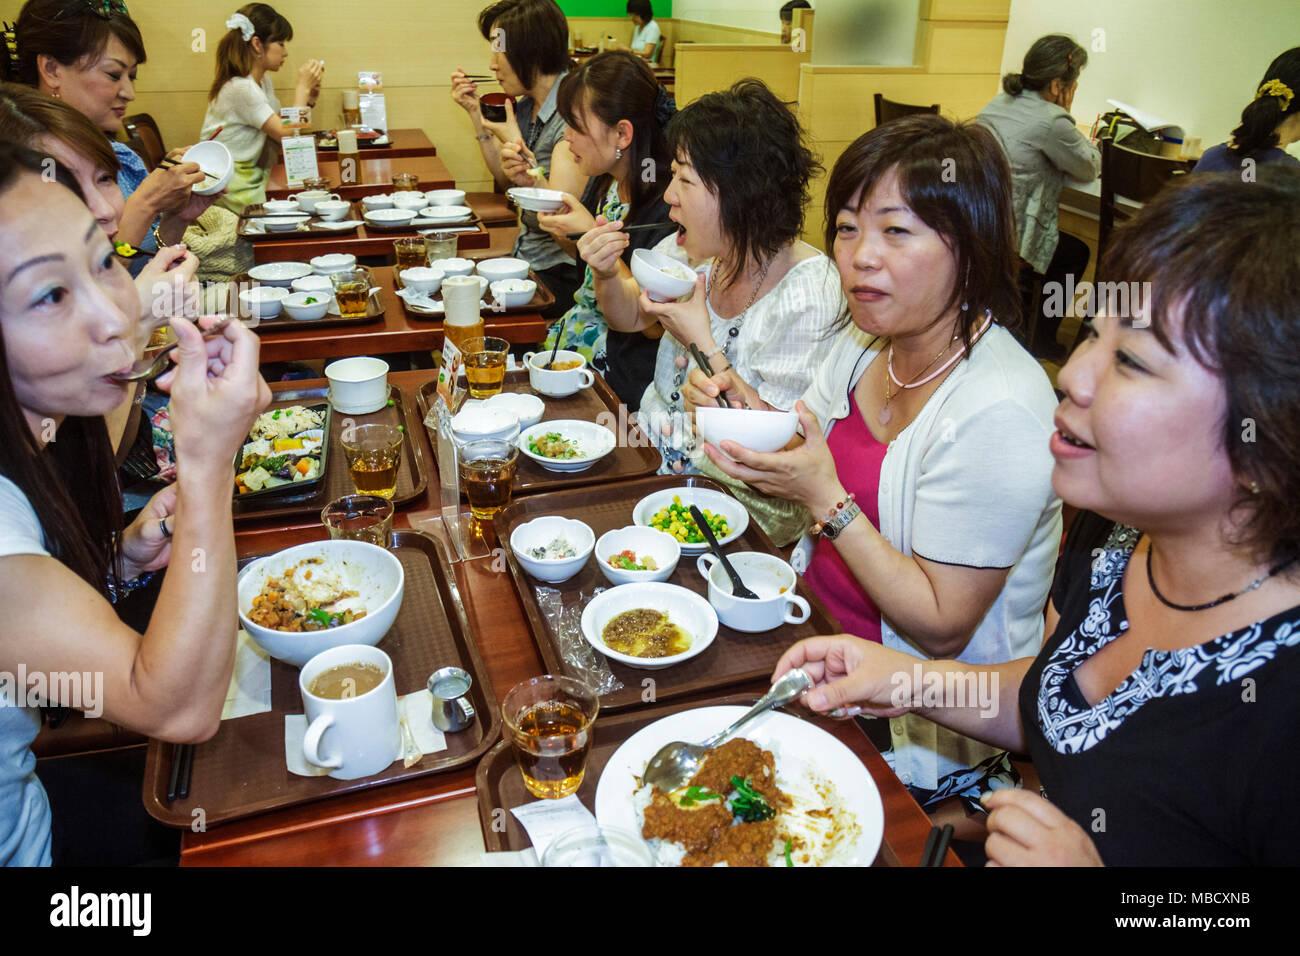 Tokio Japón Shinjuku Shinjuku NS construcción restaurante asiático de los trabajadores de oficina mujer mujeres co-trabajadores comer cenar Imagen De Stock